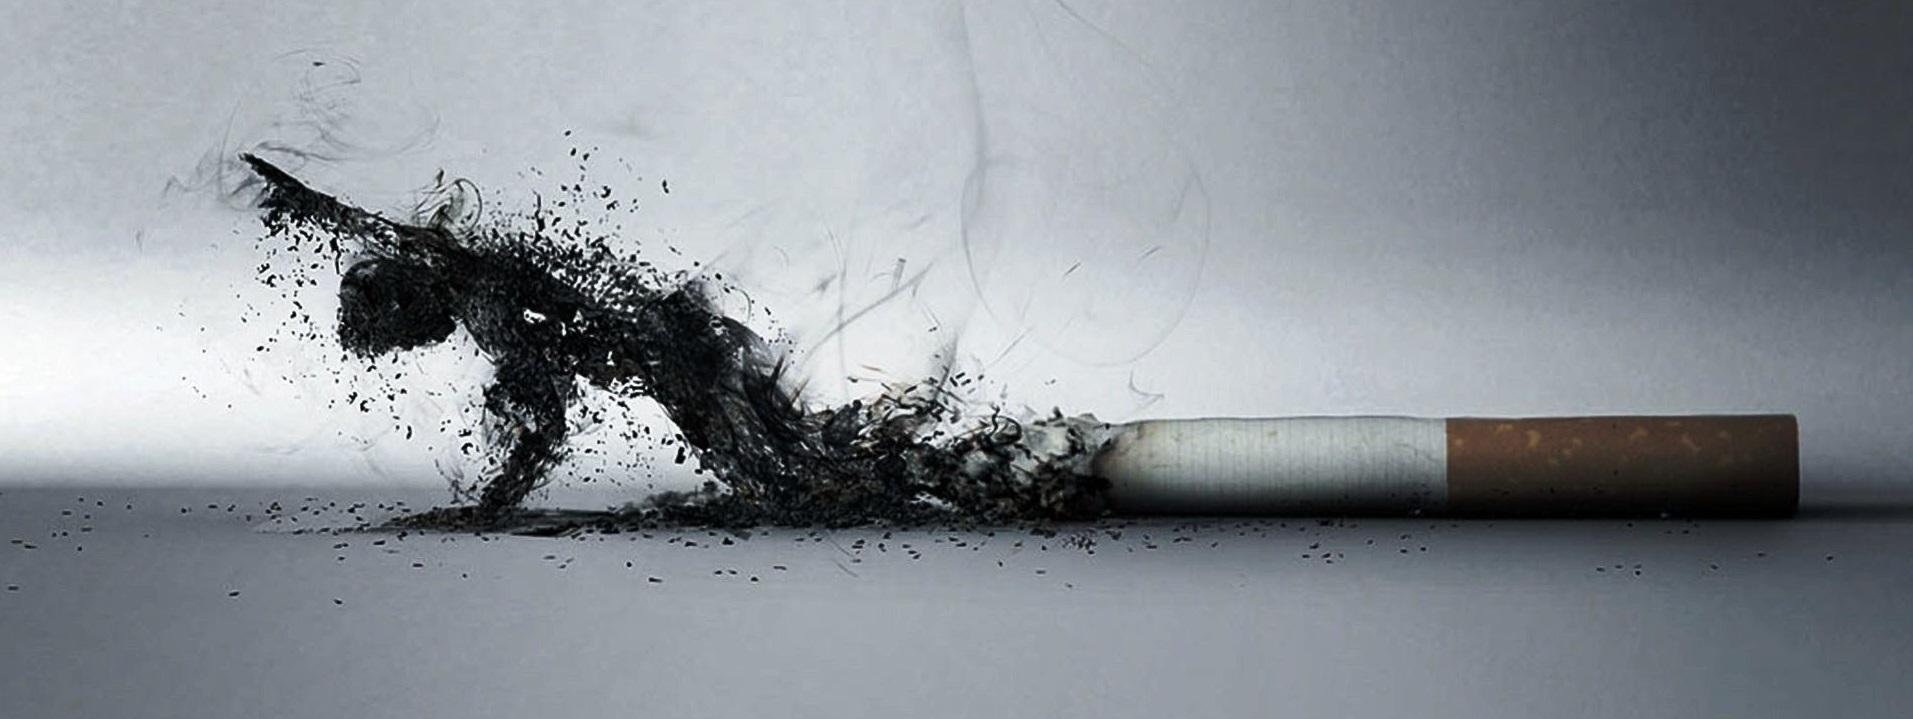 821890-cigarettes-wallpaper-hd